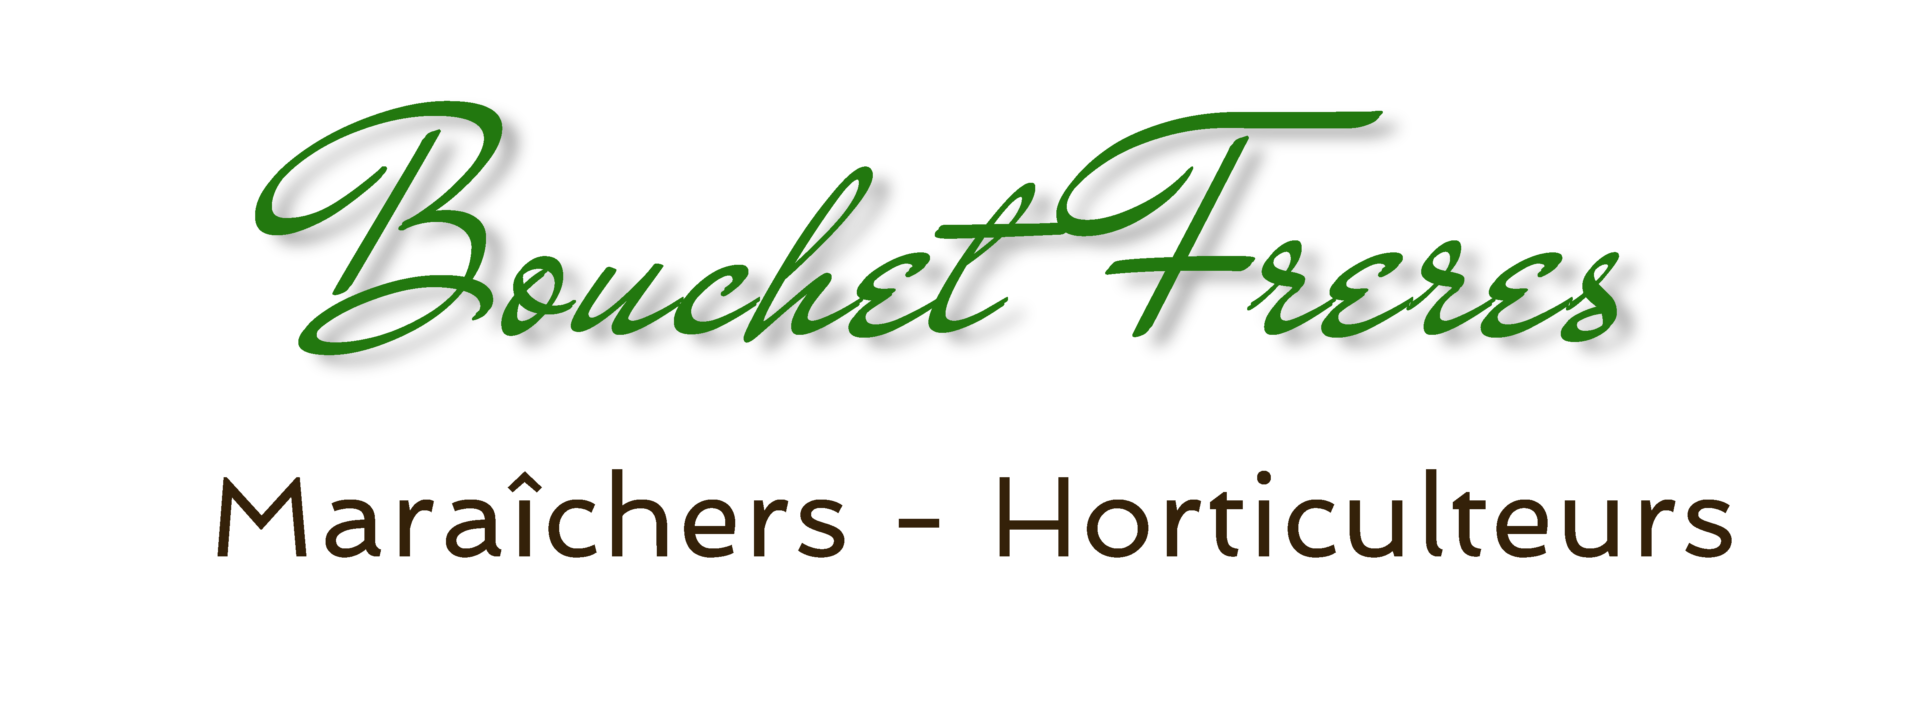 Bouchet Frères, maraicher, horticulteur, producteur local, producteurs locaux, Cruseilles, Client Marwee, Haute Savoie, communication digitale et sites web sur Cruseilles